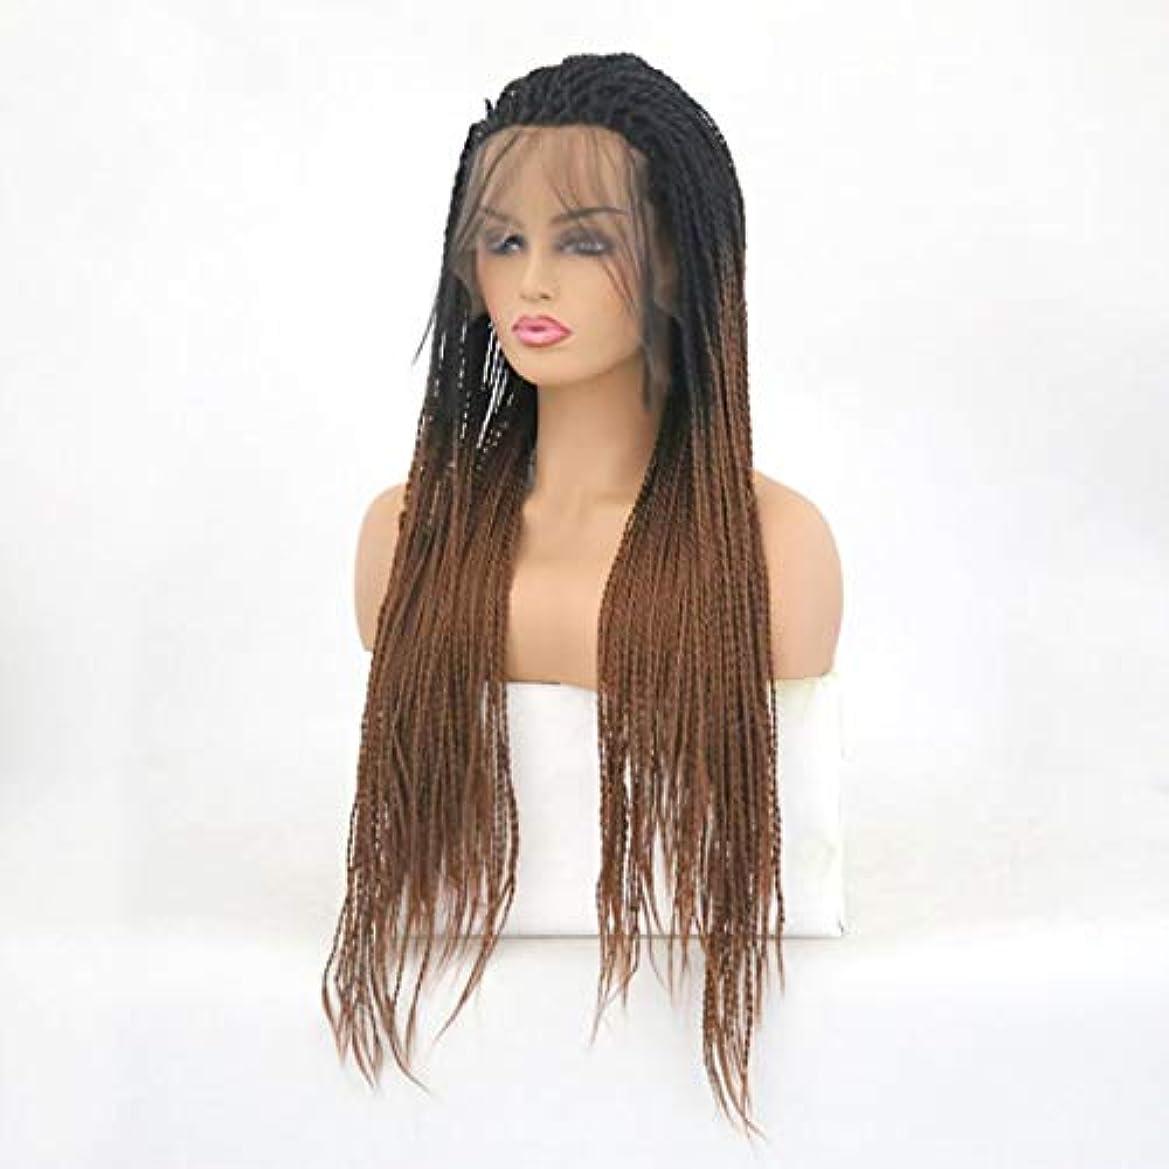 困難幽霊プロテスタントKerwinner ツイストブレイドかぎ針編みブレイドヘアエクステンション事前ループ女性用高温繊維